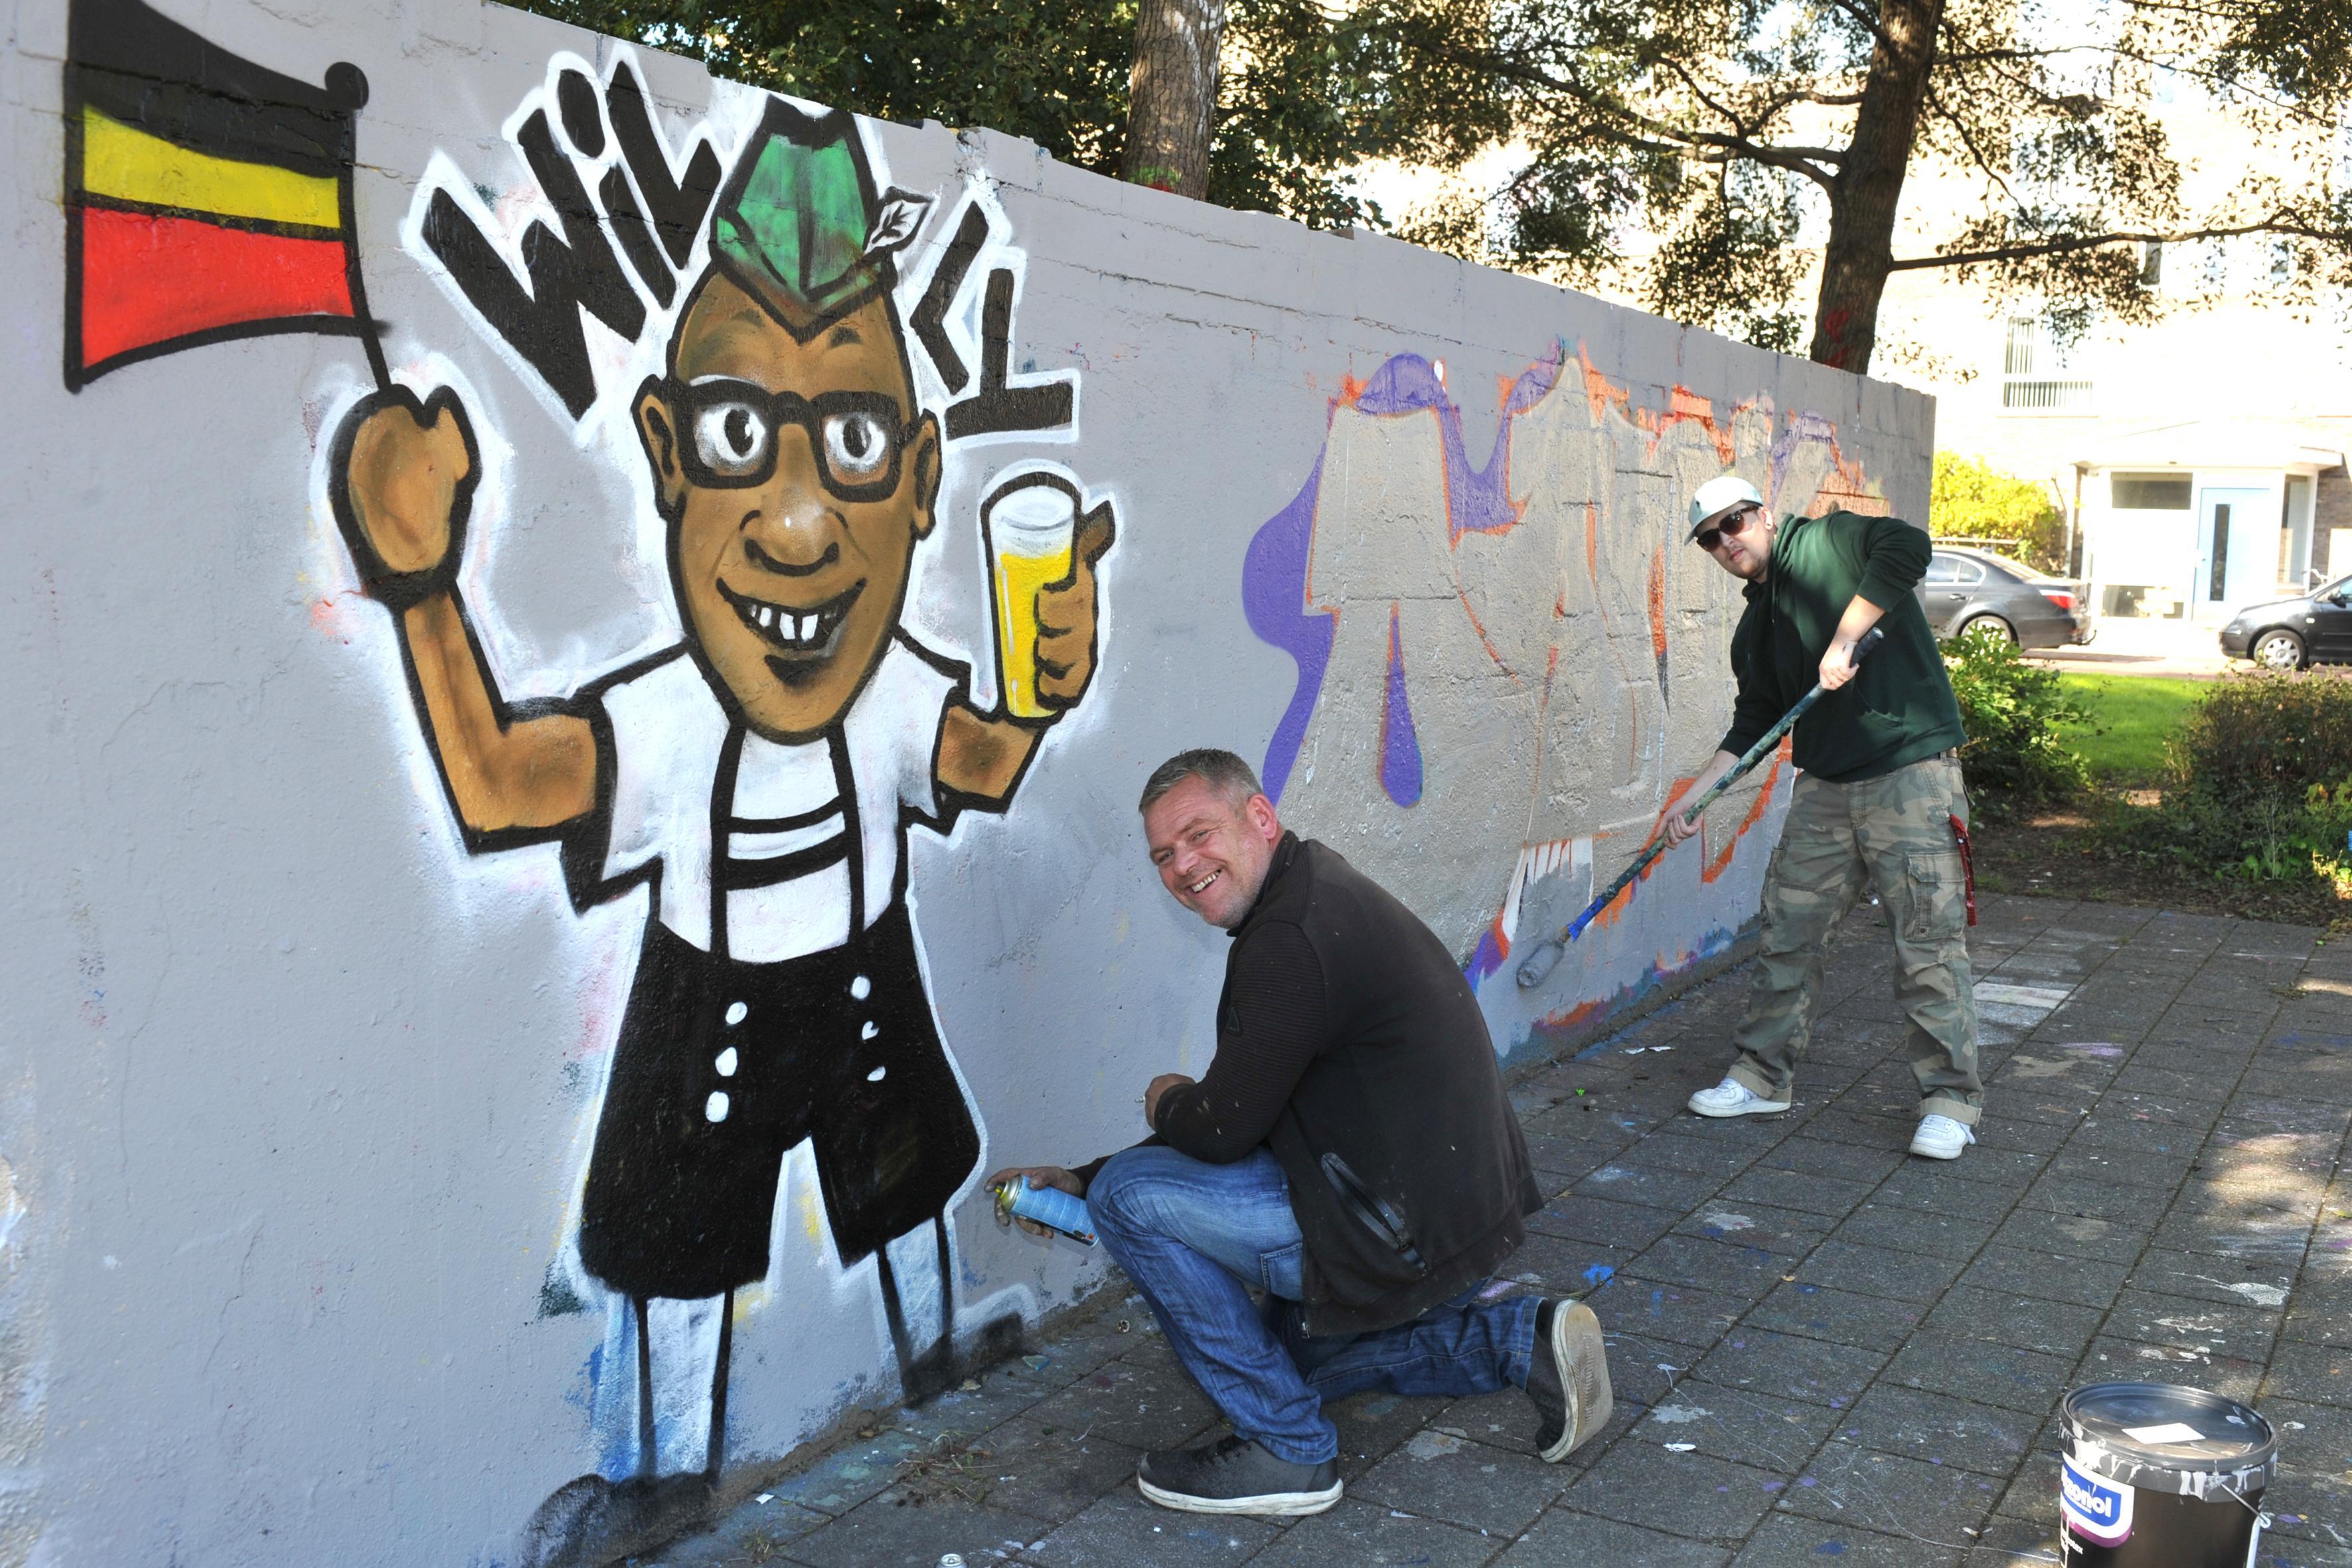 Vertrekkende jeugdwerker William Jordens geëerd met graffiti op betonnen canvas: 'De belangrijkste man van Beverwijk'